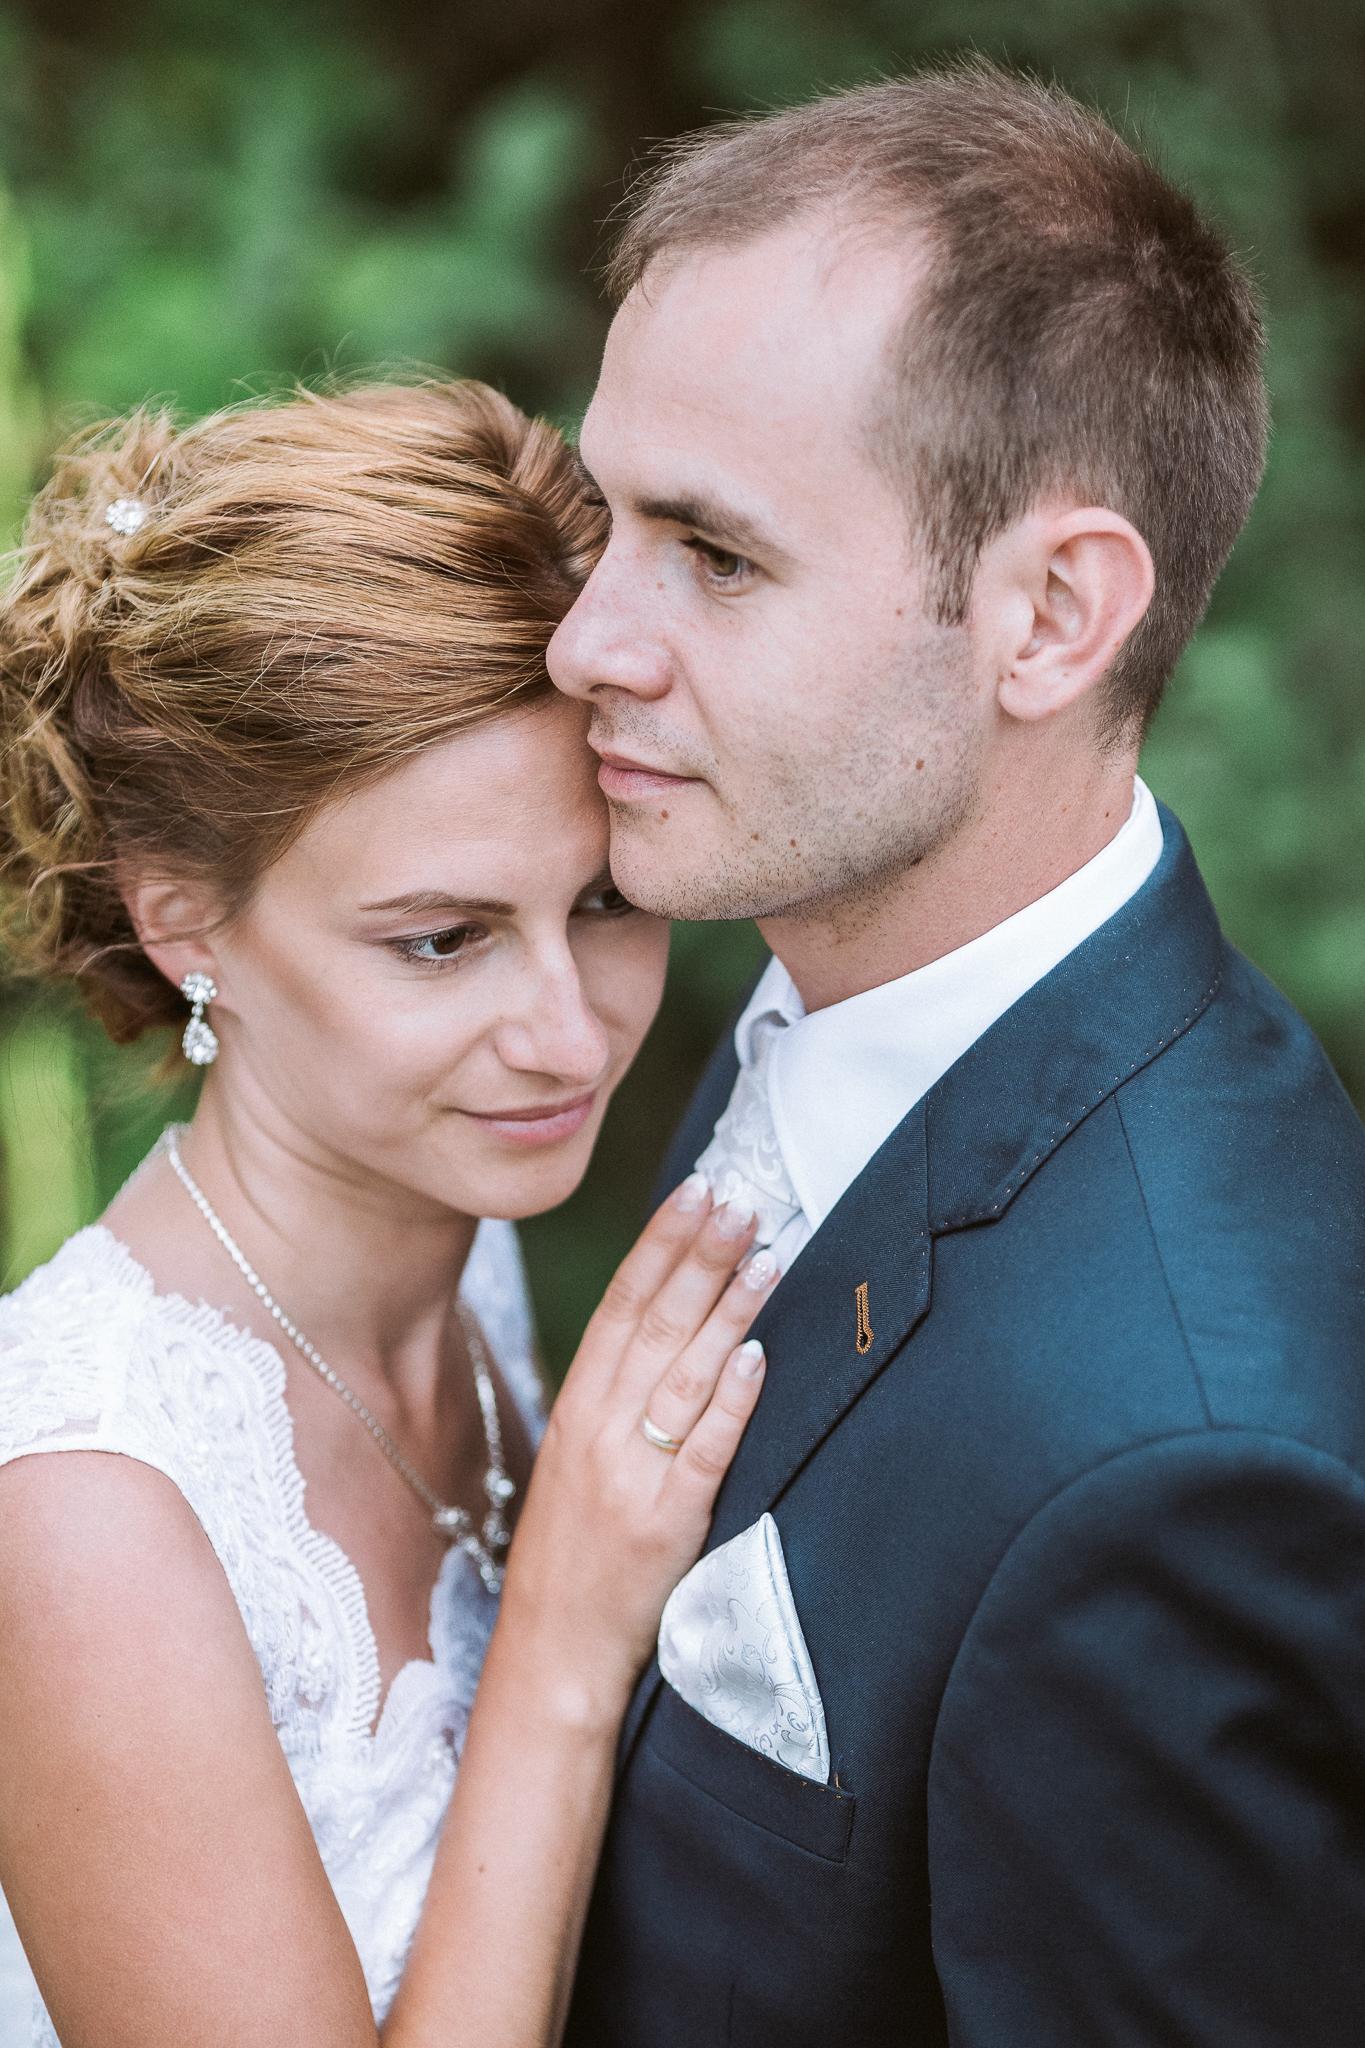 FylepPhoto, esküvőfotós, esküvői fotós Körmend, Szombathely, esküvőfotózás, magyarország, vas megye, prémium, jegyesfotózás, Fülöp Péter, körmend, kreatív, fotográfus_46-2.jpg